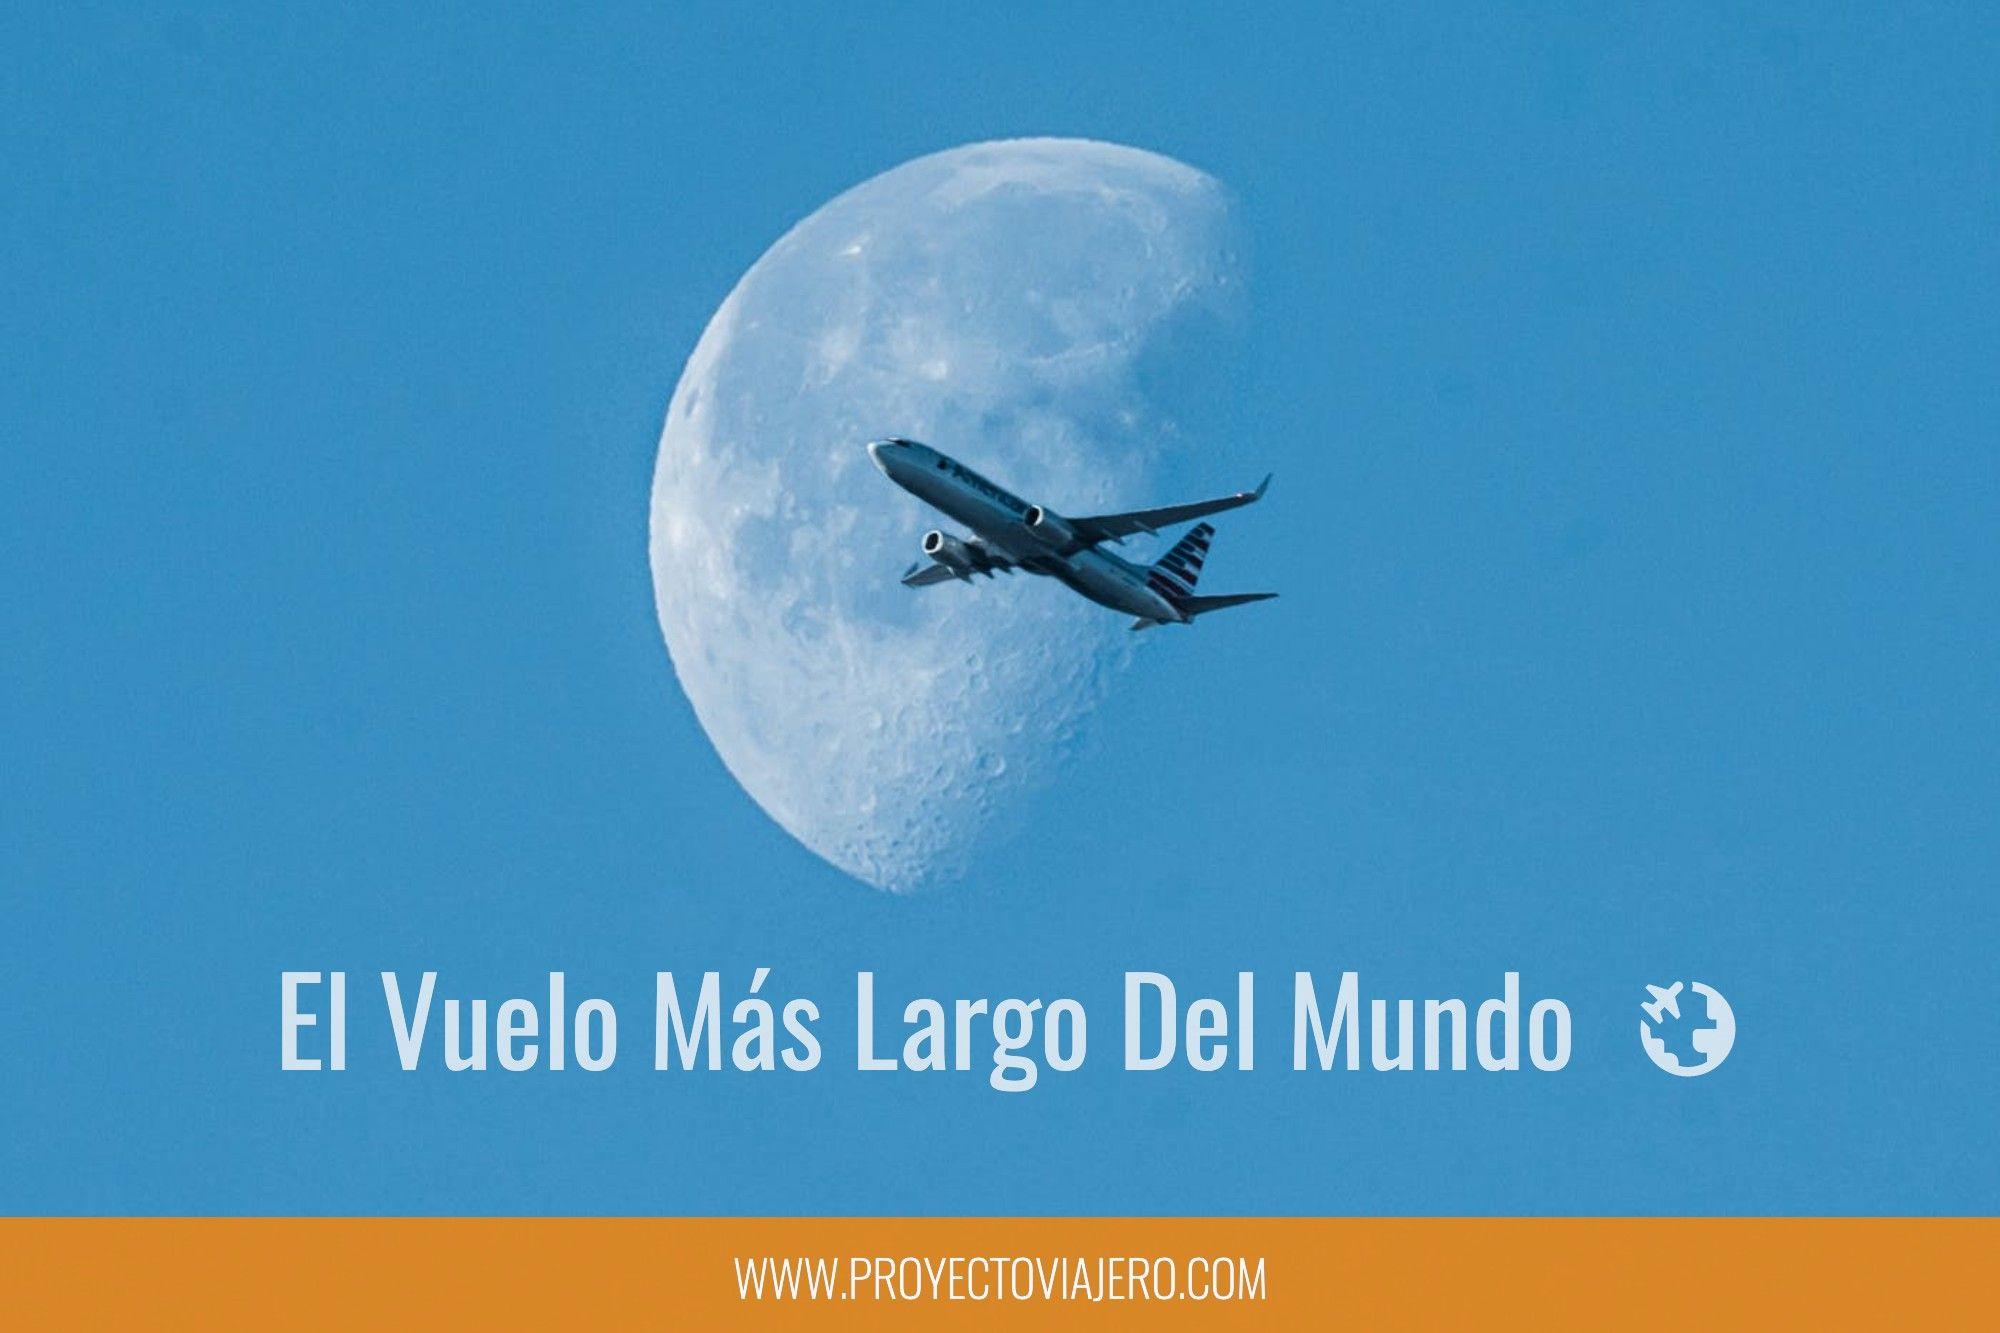 avión cruzando el cielo con la luna espectacular de fondo